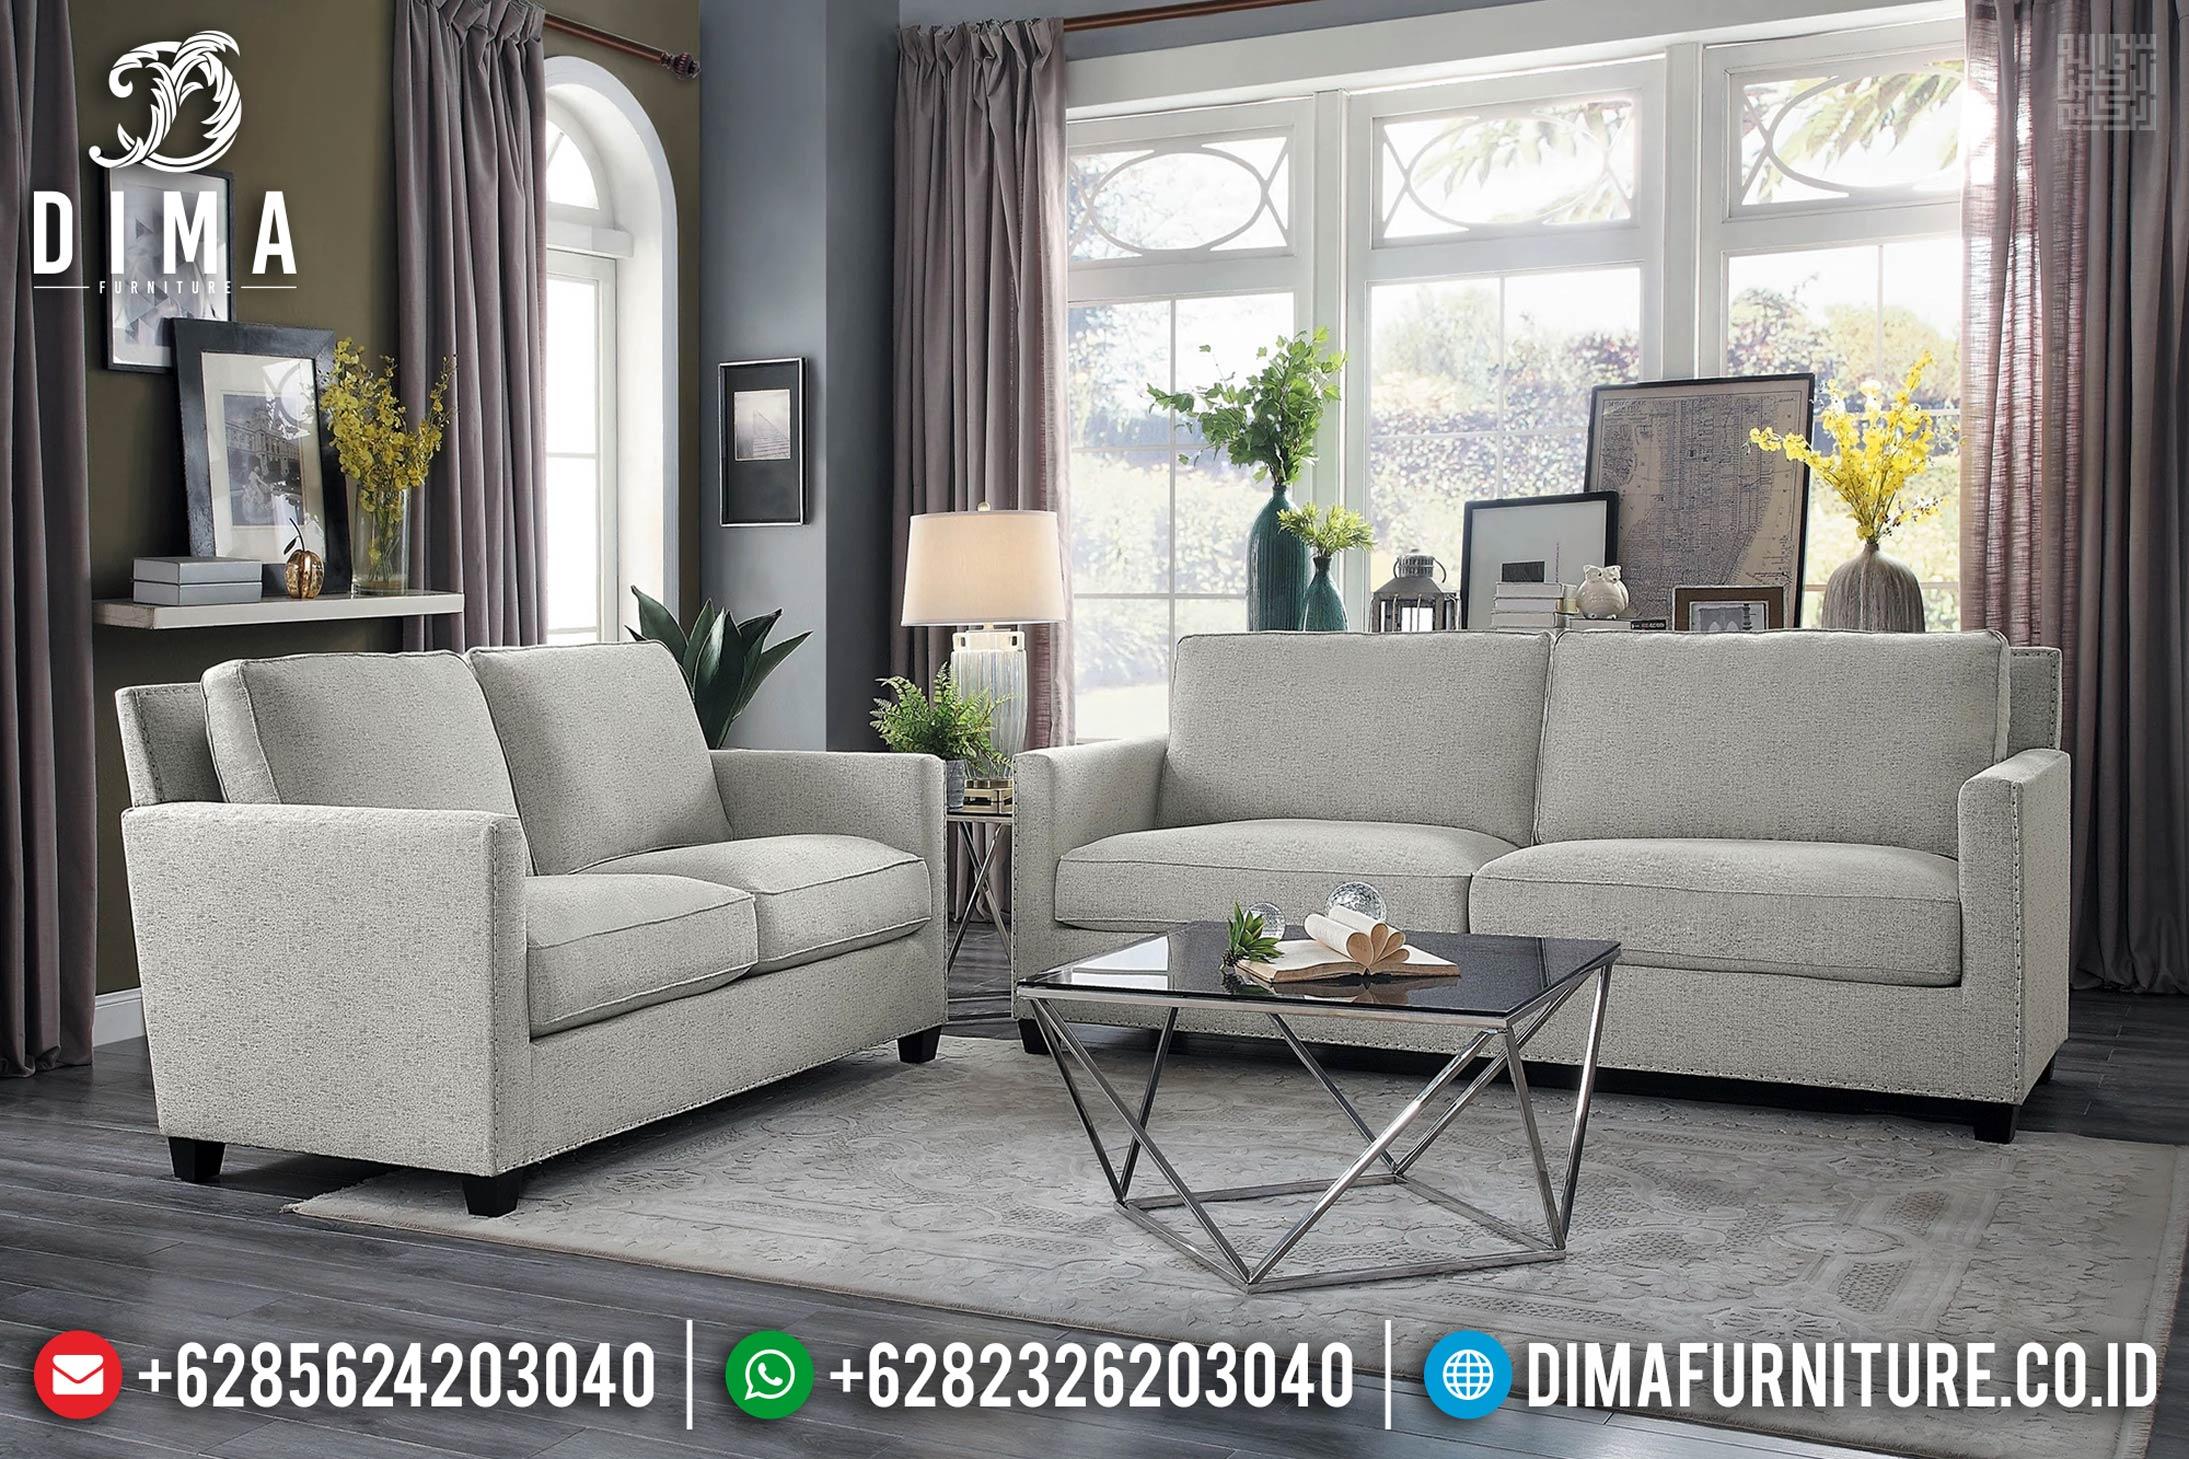 Sofa Tamu Minimalis Modern Jepara Harga Terjangkau TTJ-0369